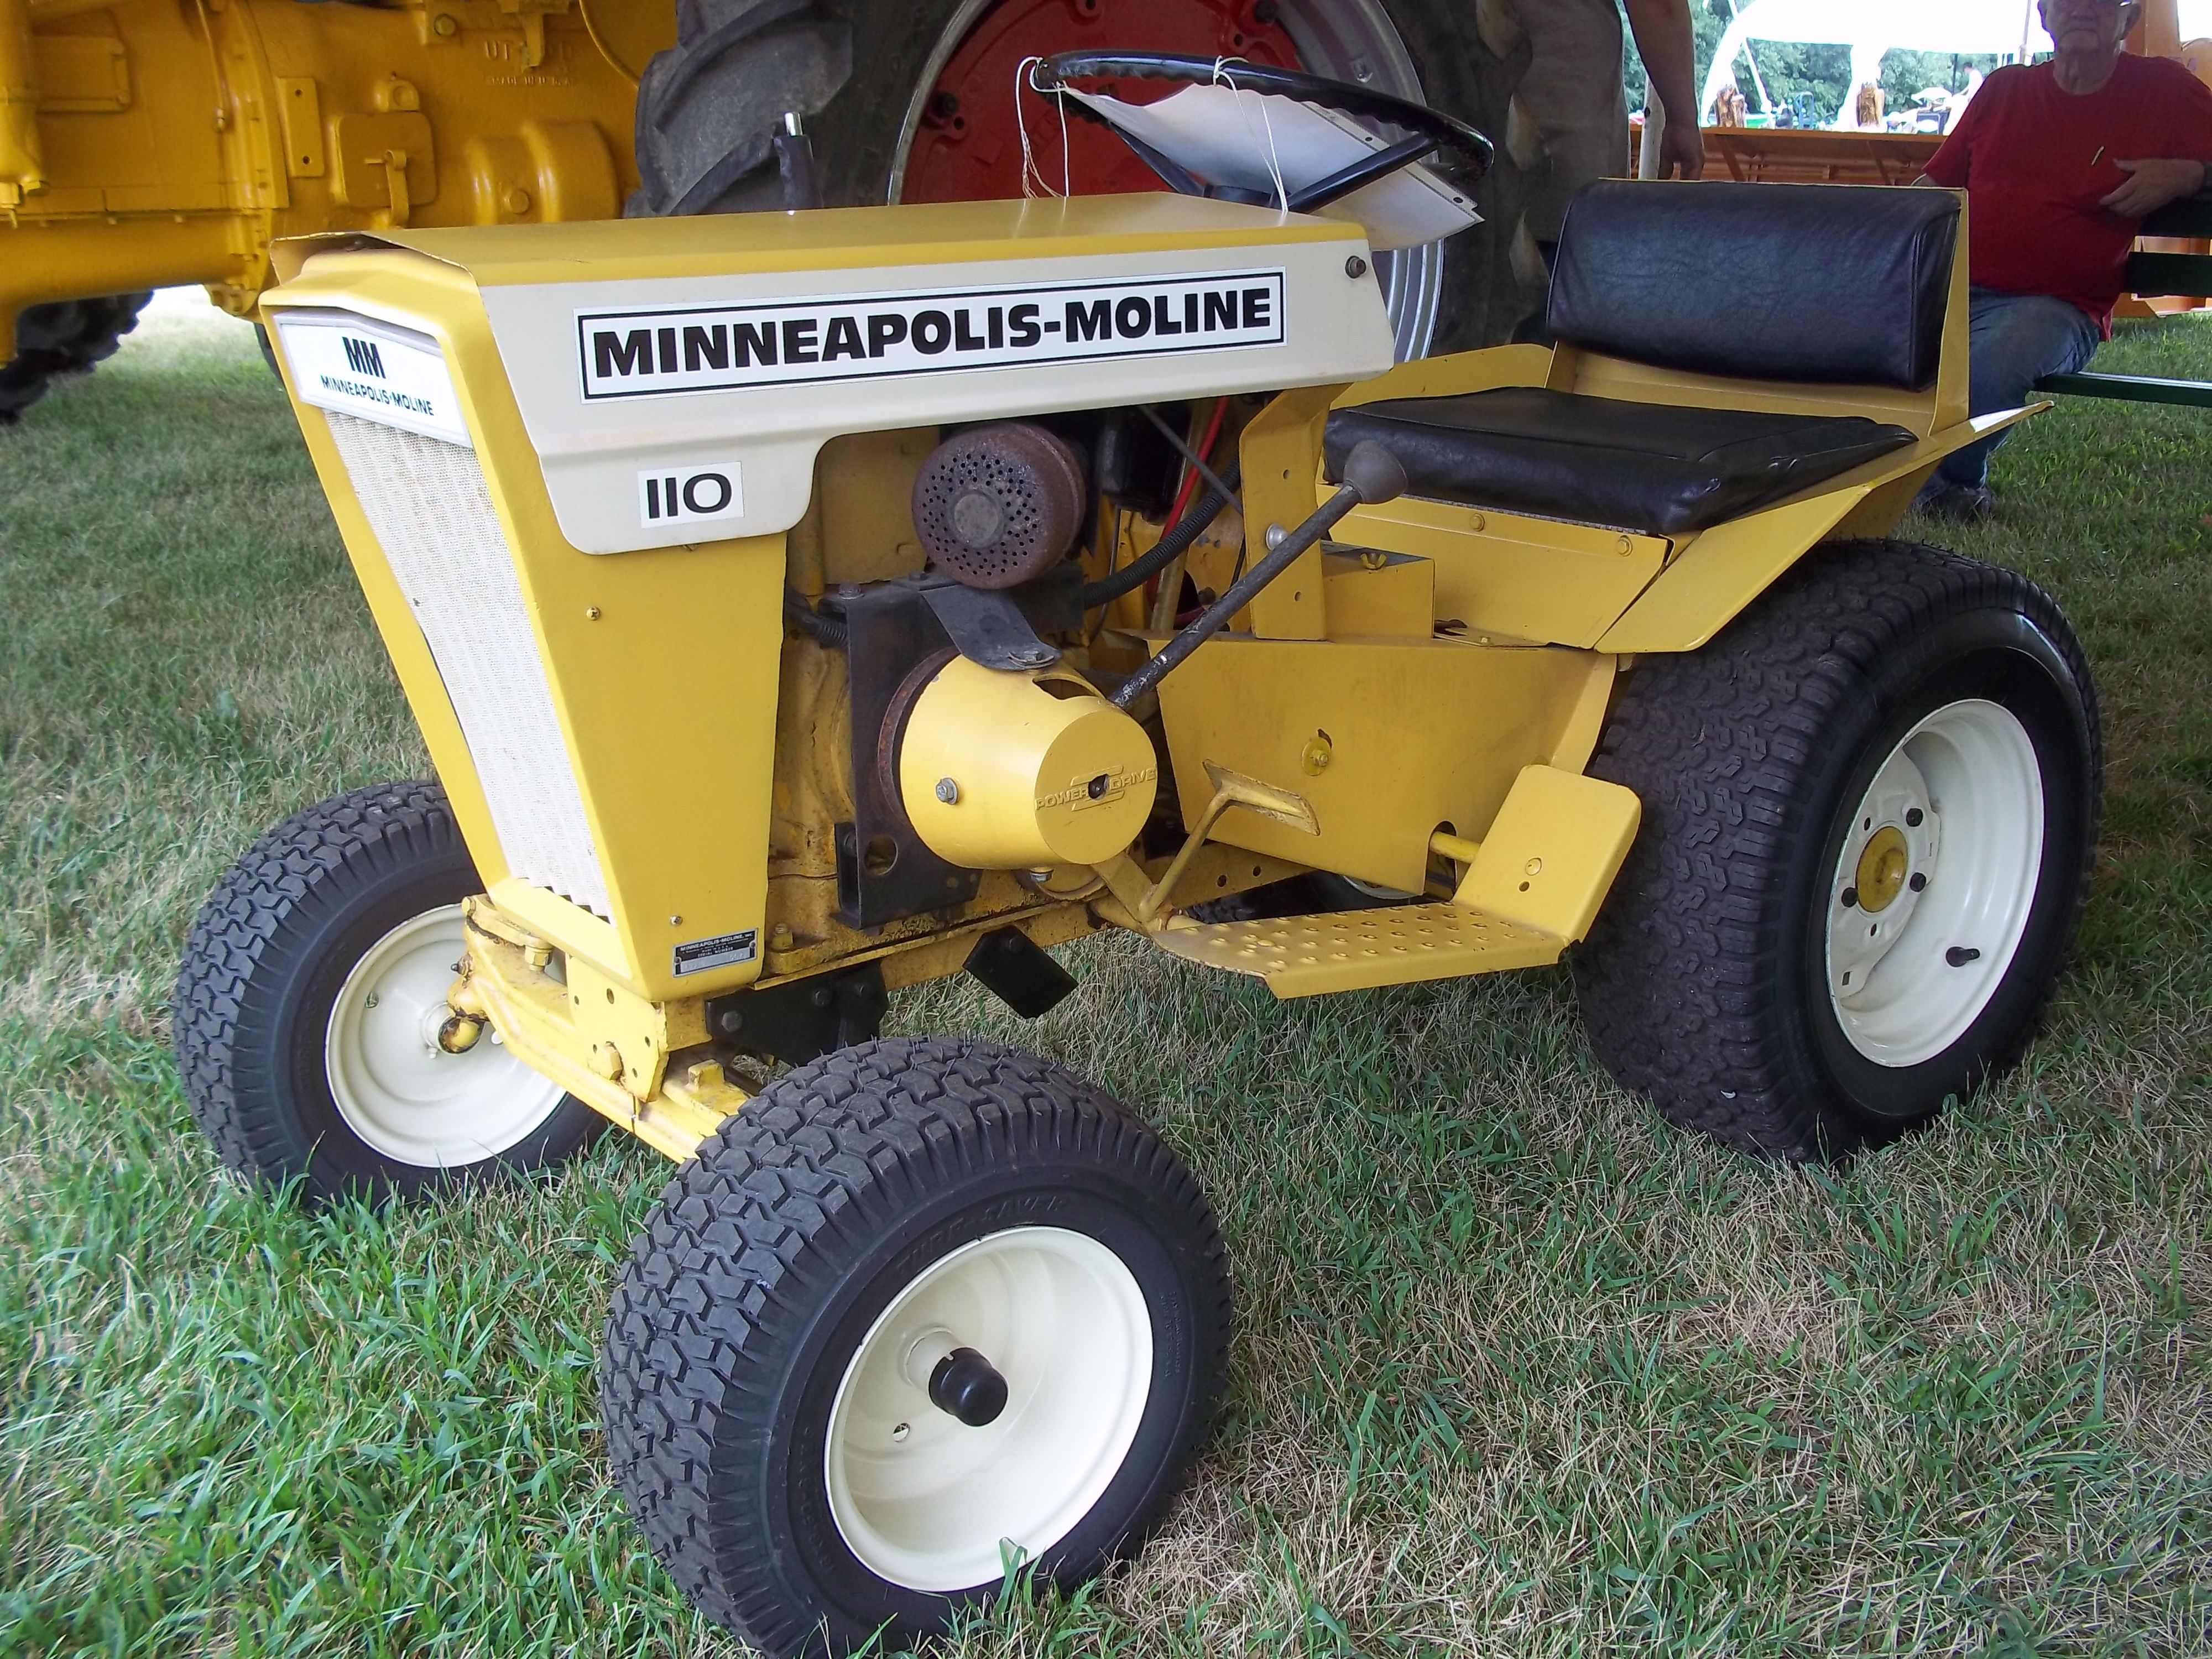 Mm lawn garden tractor